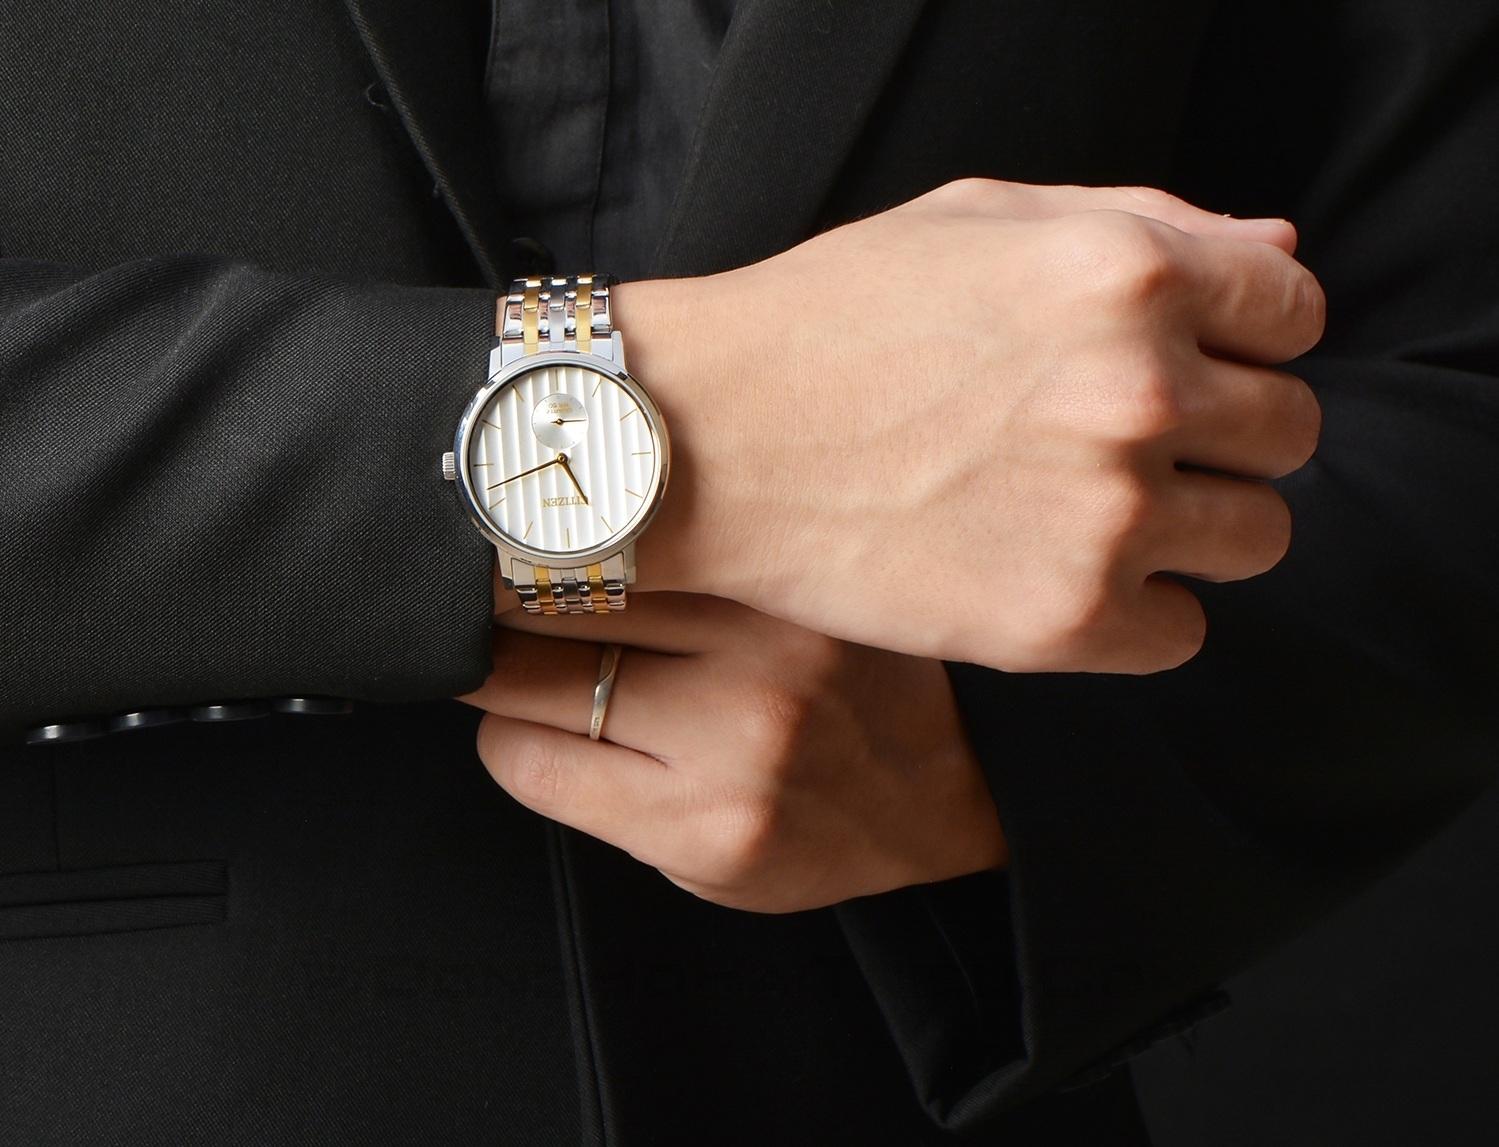 Sang trọng, lịch lãm là những lời khen người dùng dành cho chiếc đồng hồ Citizen nam BE9174-55A